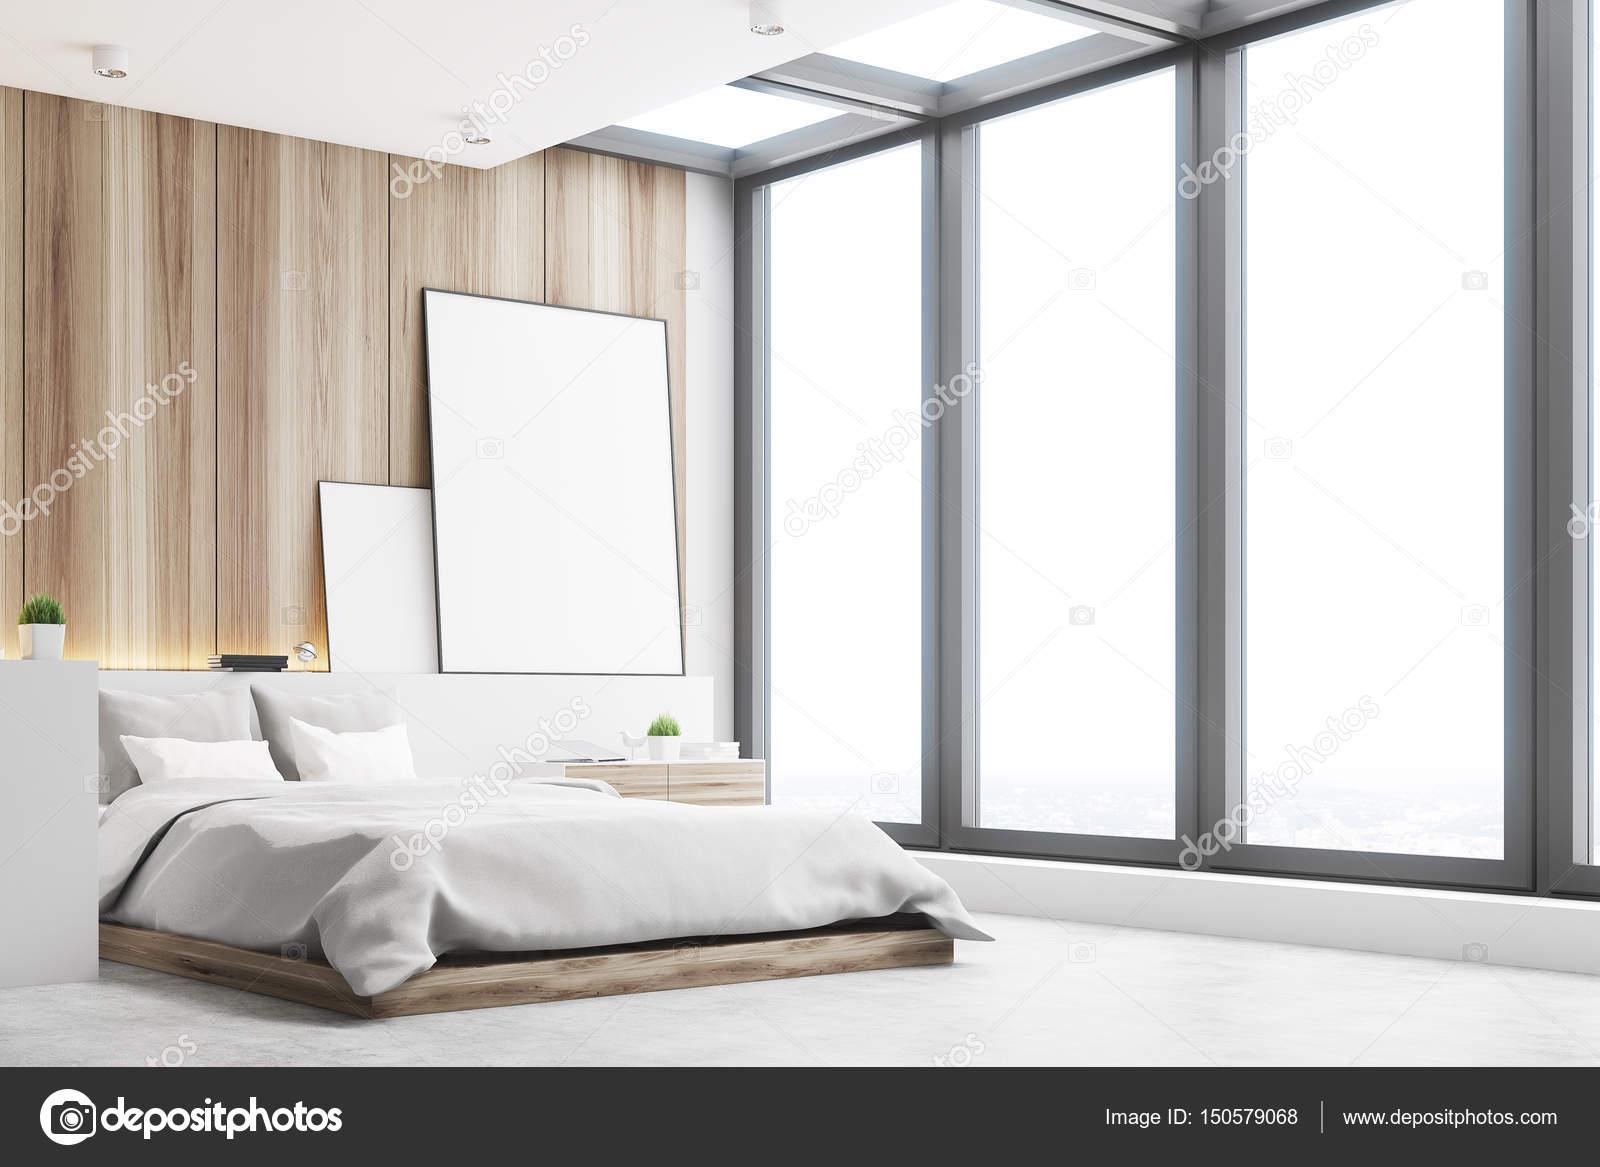 Slaapkamer Met Hout : Lichte slaapkamer hout kant u2014 stockfoto © denisismagilov #150579068